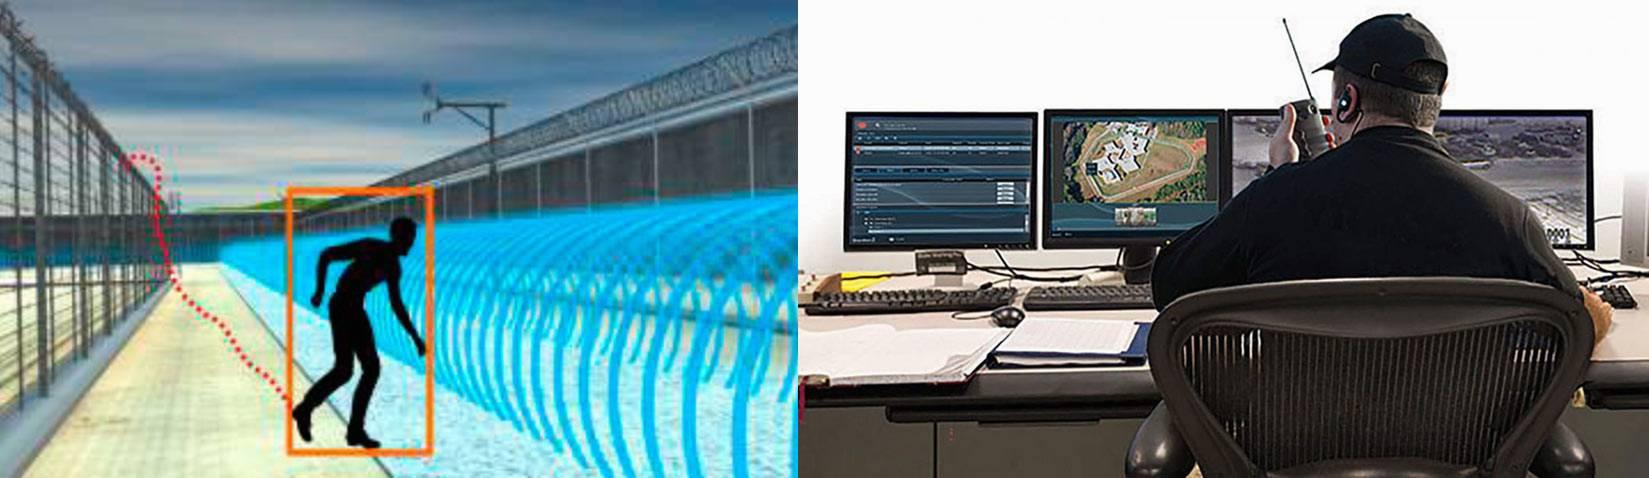 Detekcja i telewizja CCTV